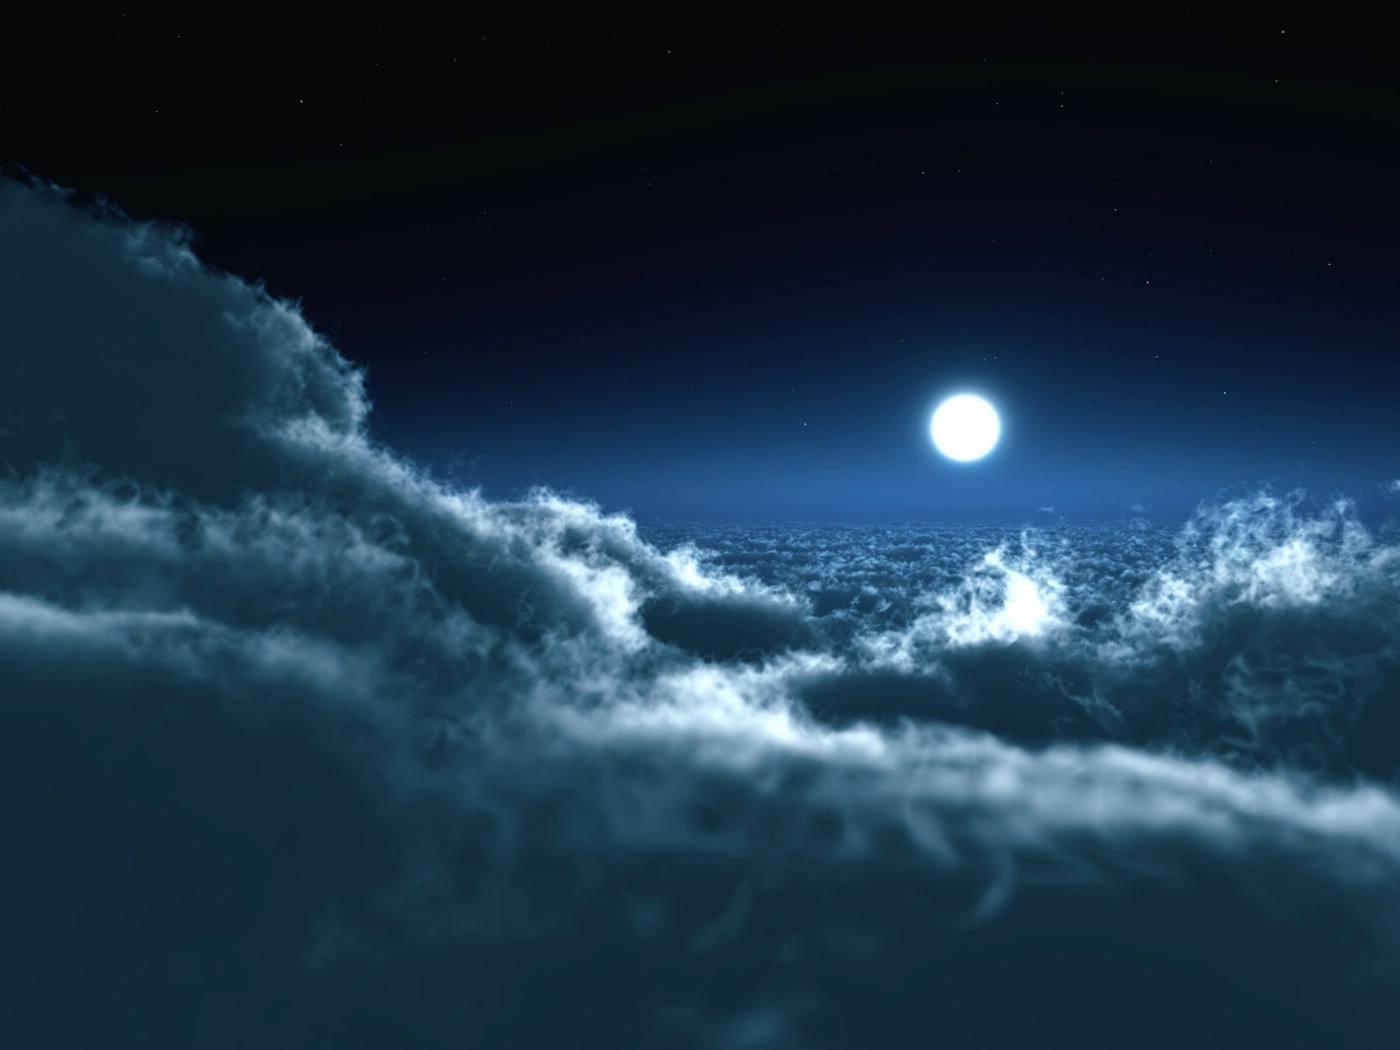 永恒不变的月光美文欣赏